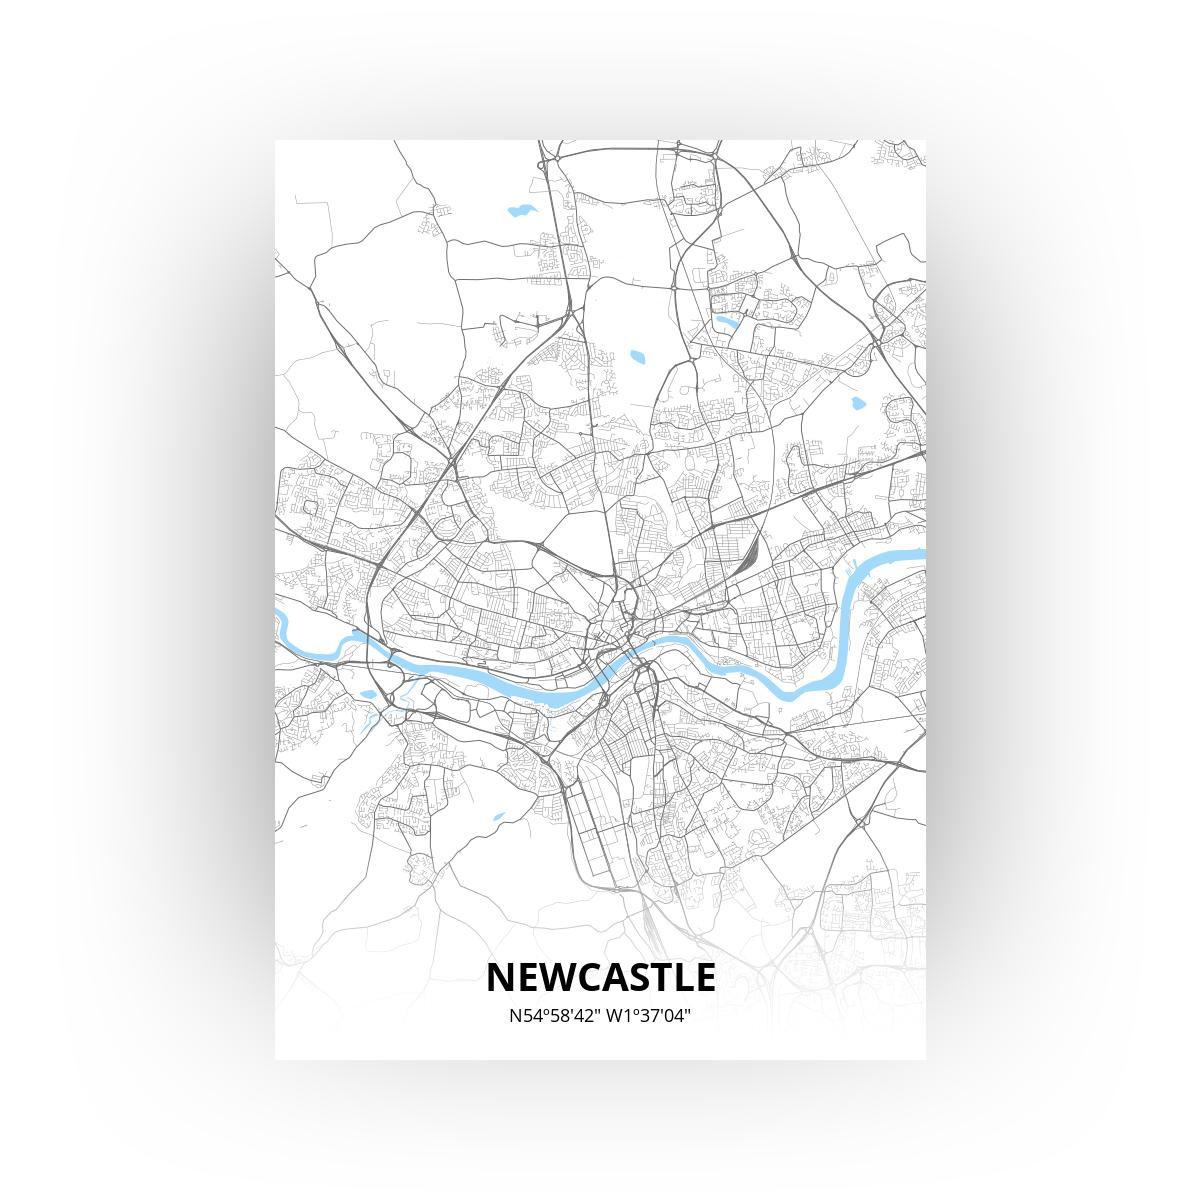 Newcastle poster - Zelf aan te passen!